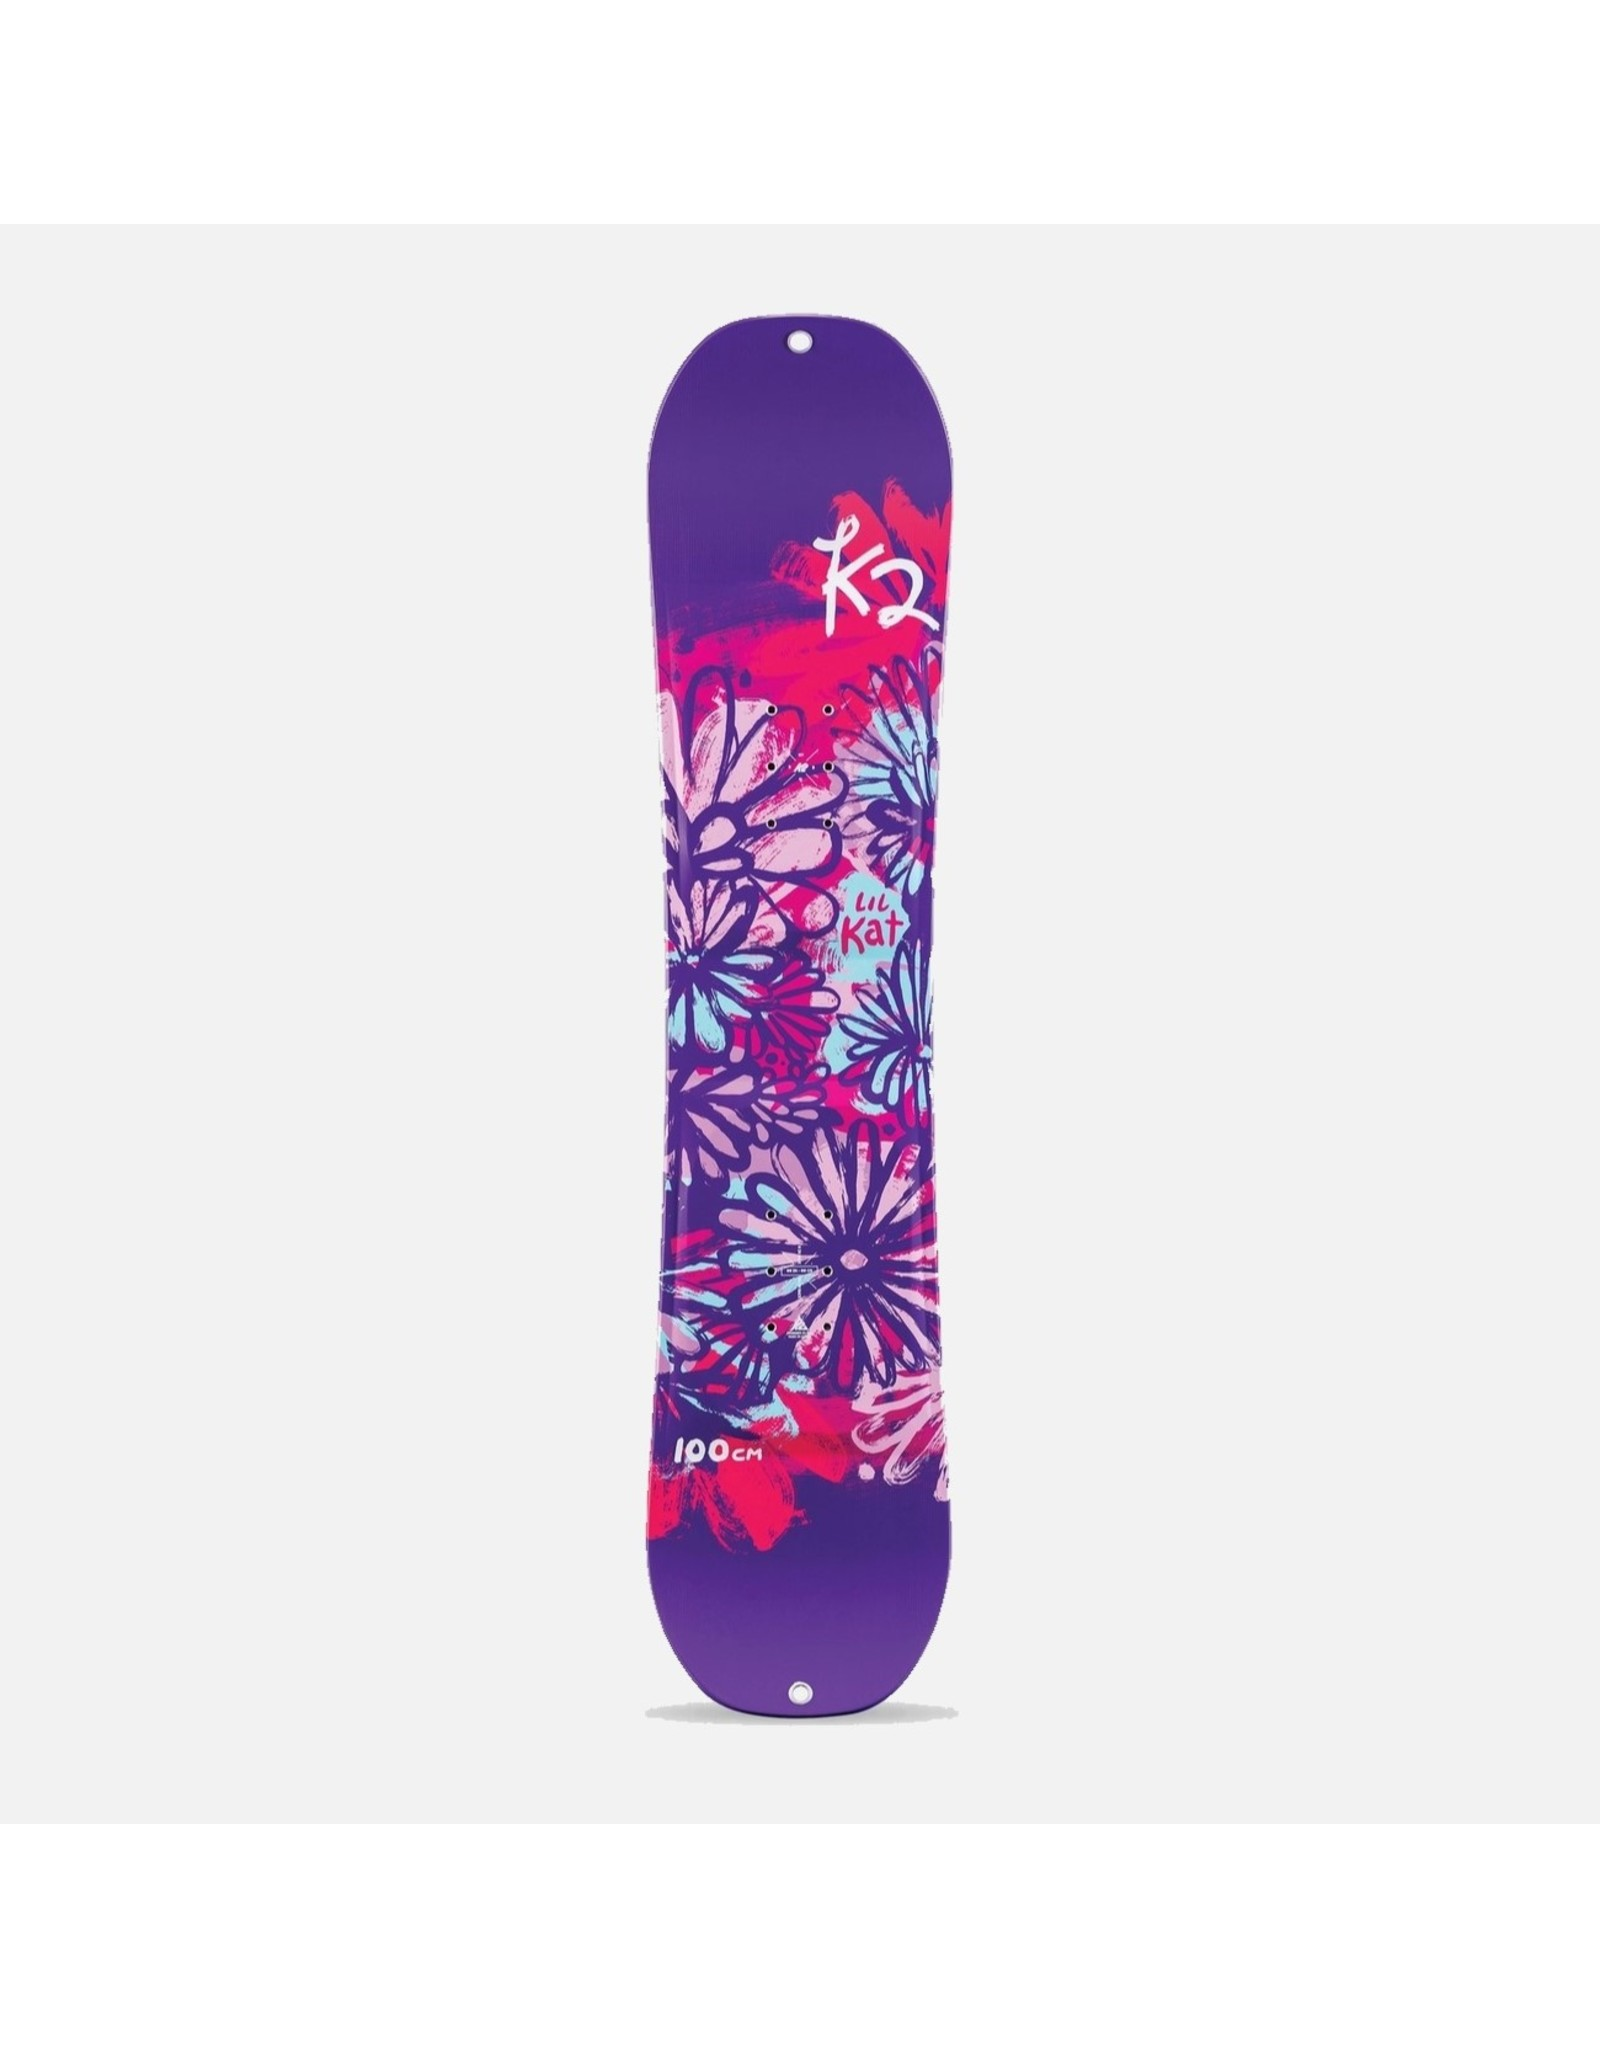 K2 Li'l Kat Snowboard